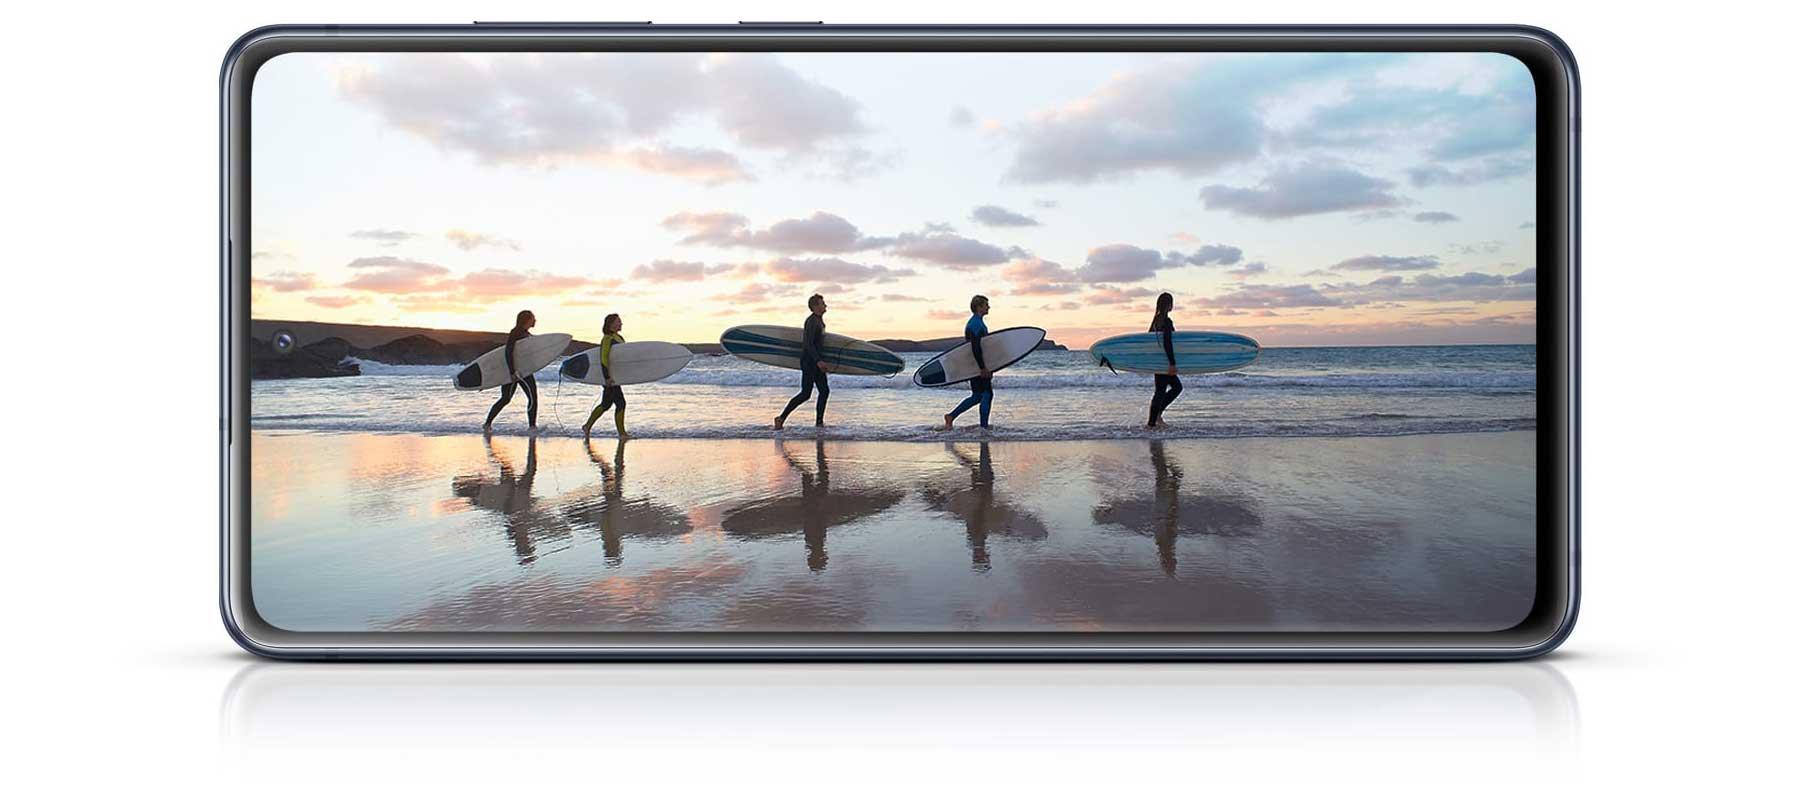 نمایشگر گوشی سامسونگ Galaxy S20 FE